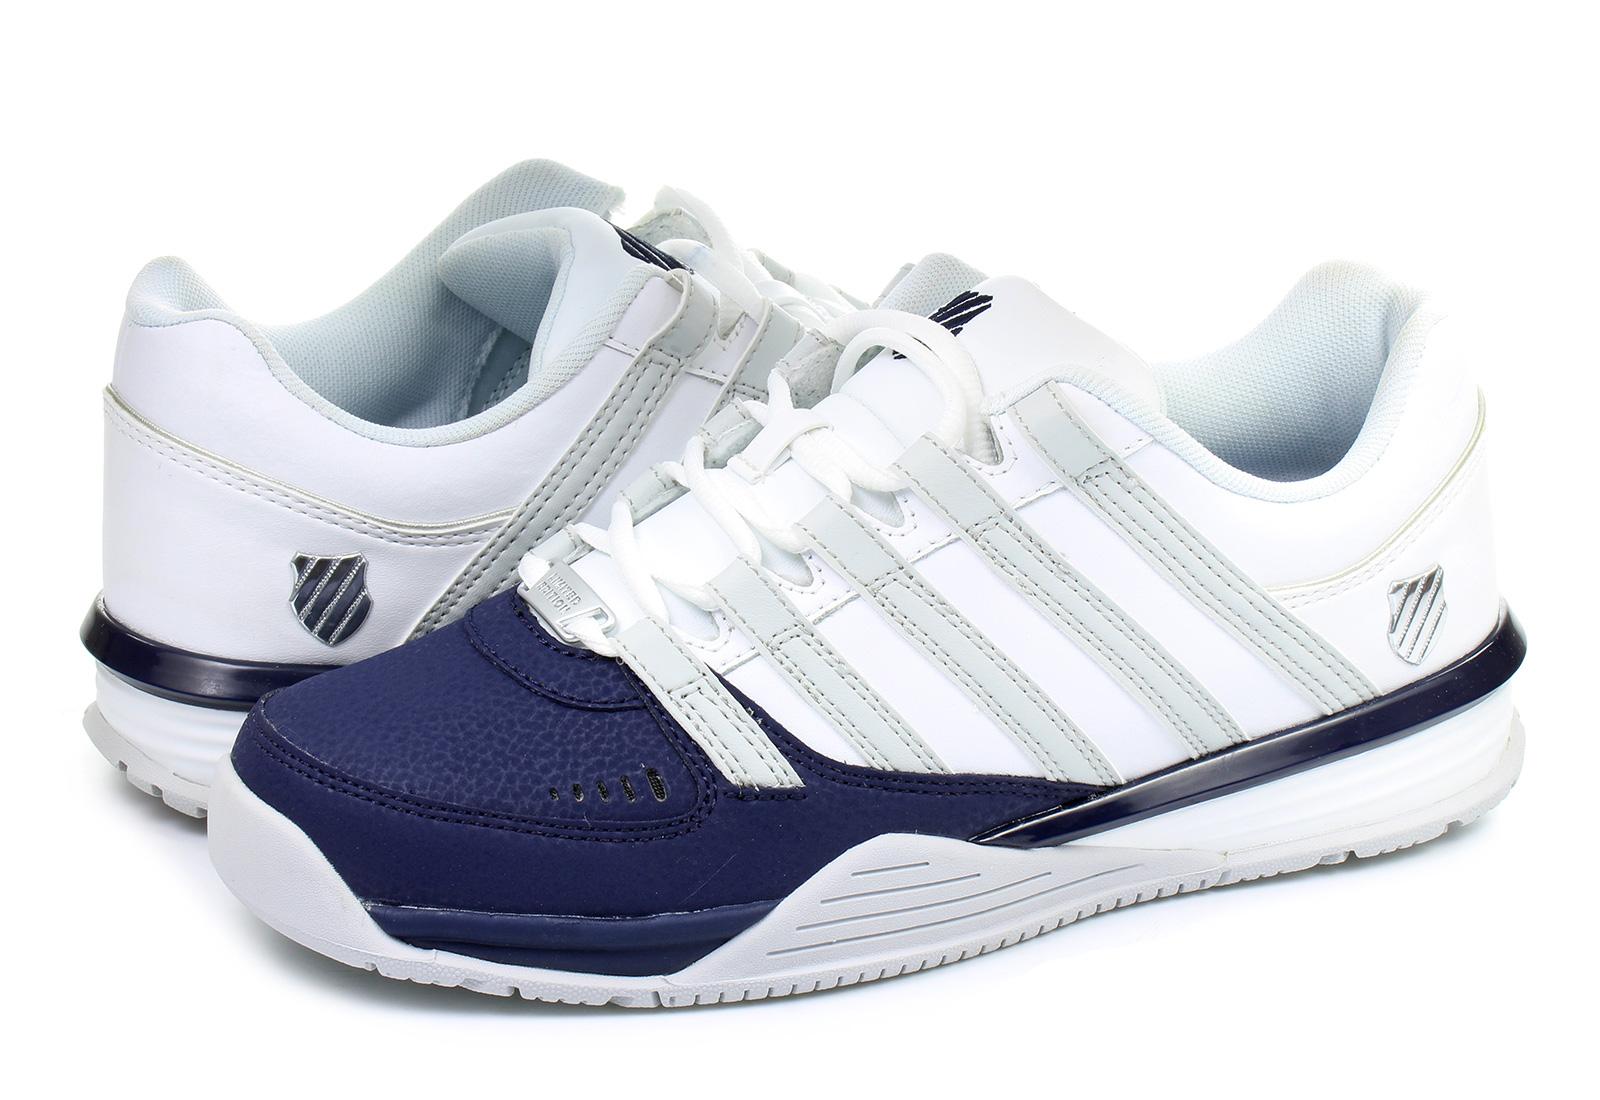 k swiss shoes baxter 03787 474 m online shop for. Black Bedroom Furniture Sets. Home Design Ideas